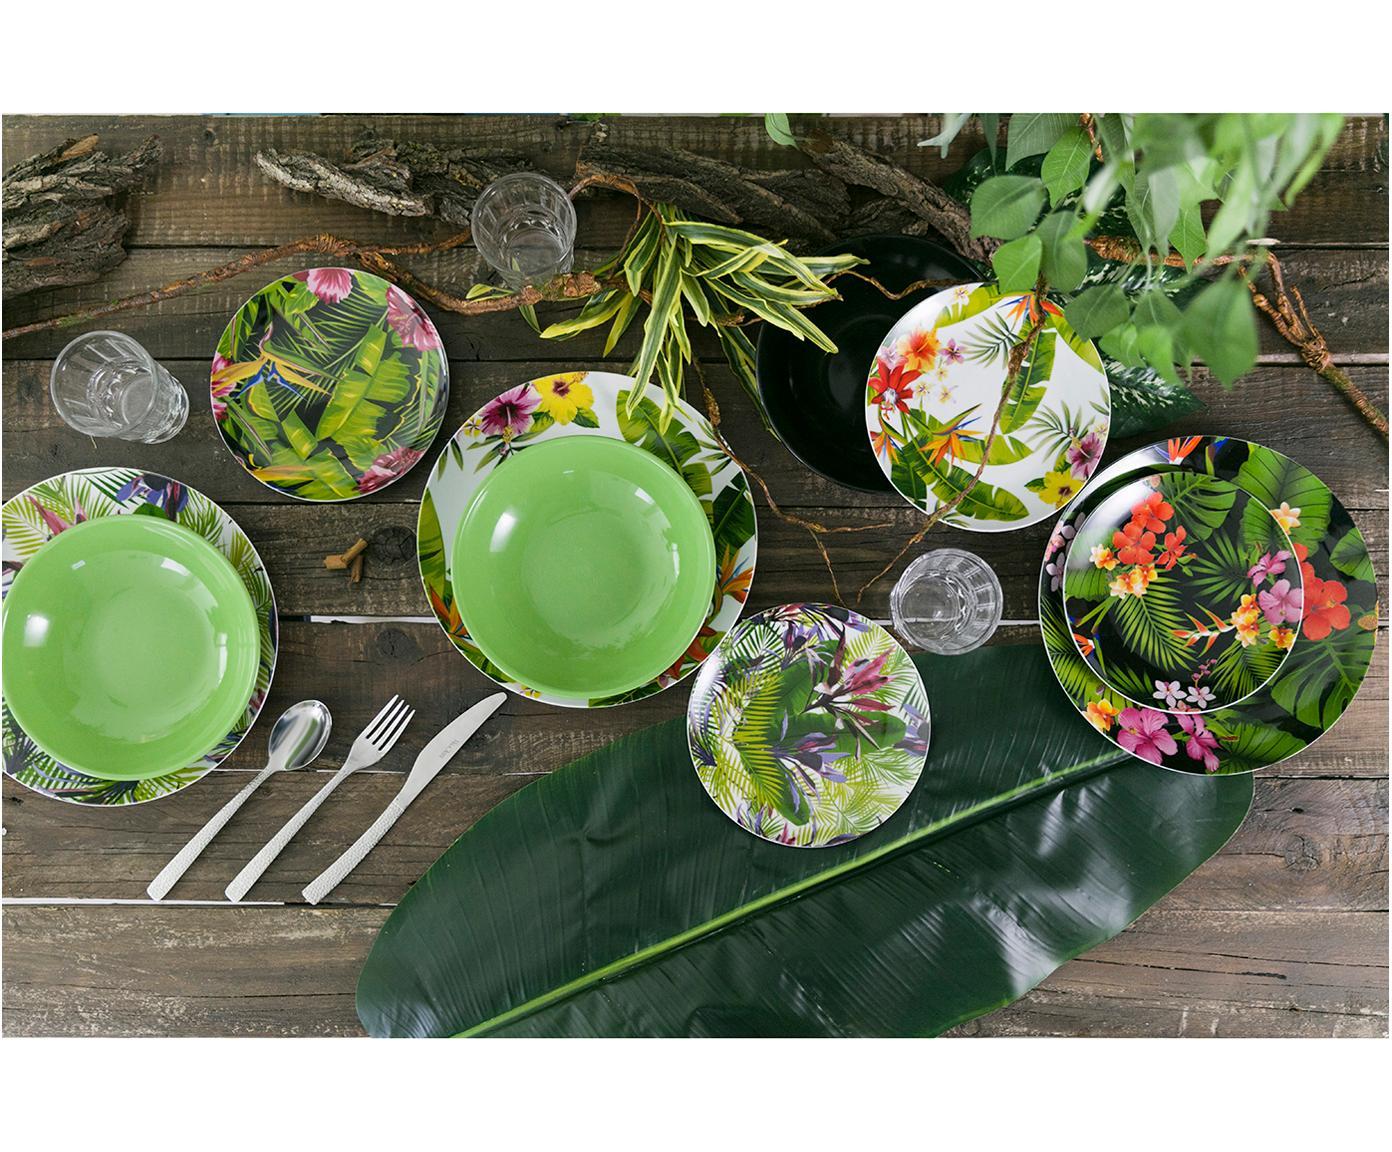 Komplet naczyń z porcelany Jungle, 18 elem., Porcelana, Wielobarwny, Różne rozmiary